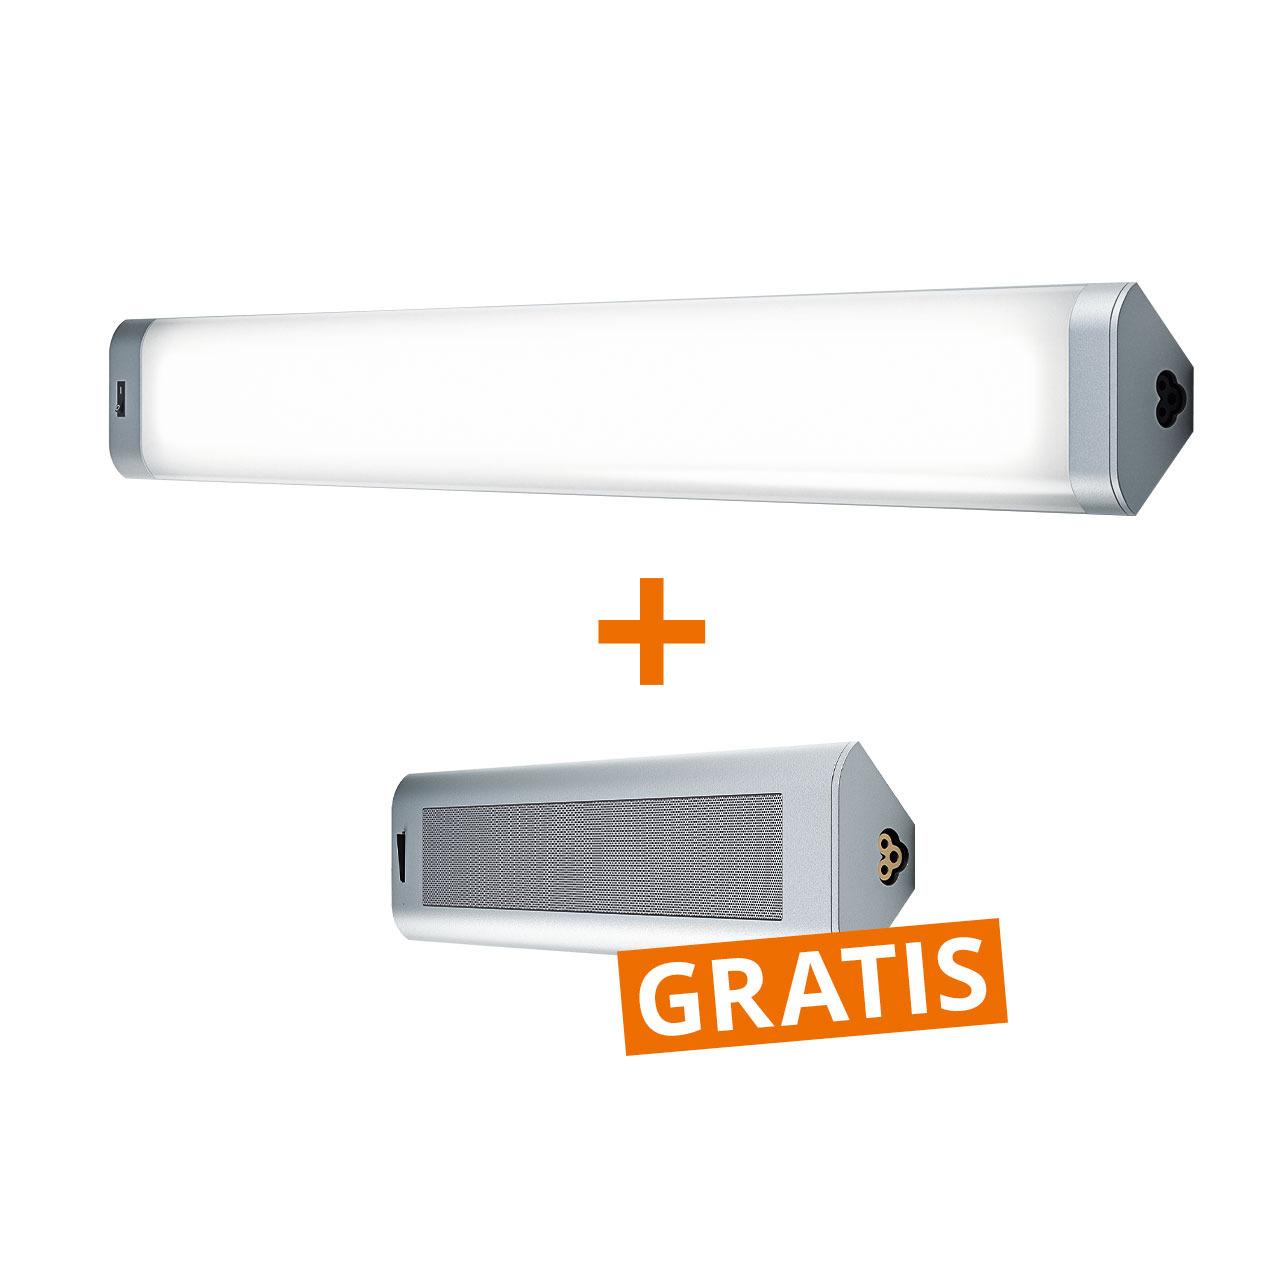 OSRAM 18-W-LED-Unterbauleuchte- 80 cm- warmweiss + GRATIS Bluetooth-Lautsprecher